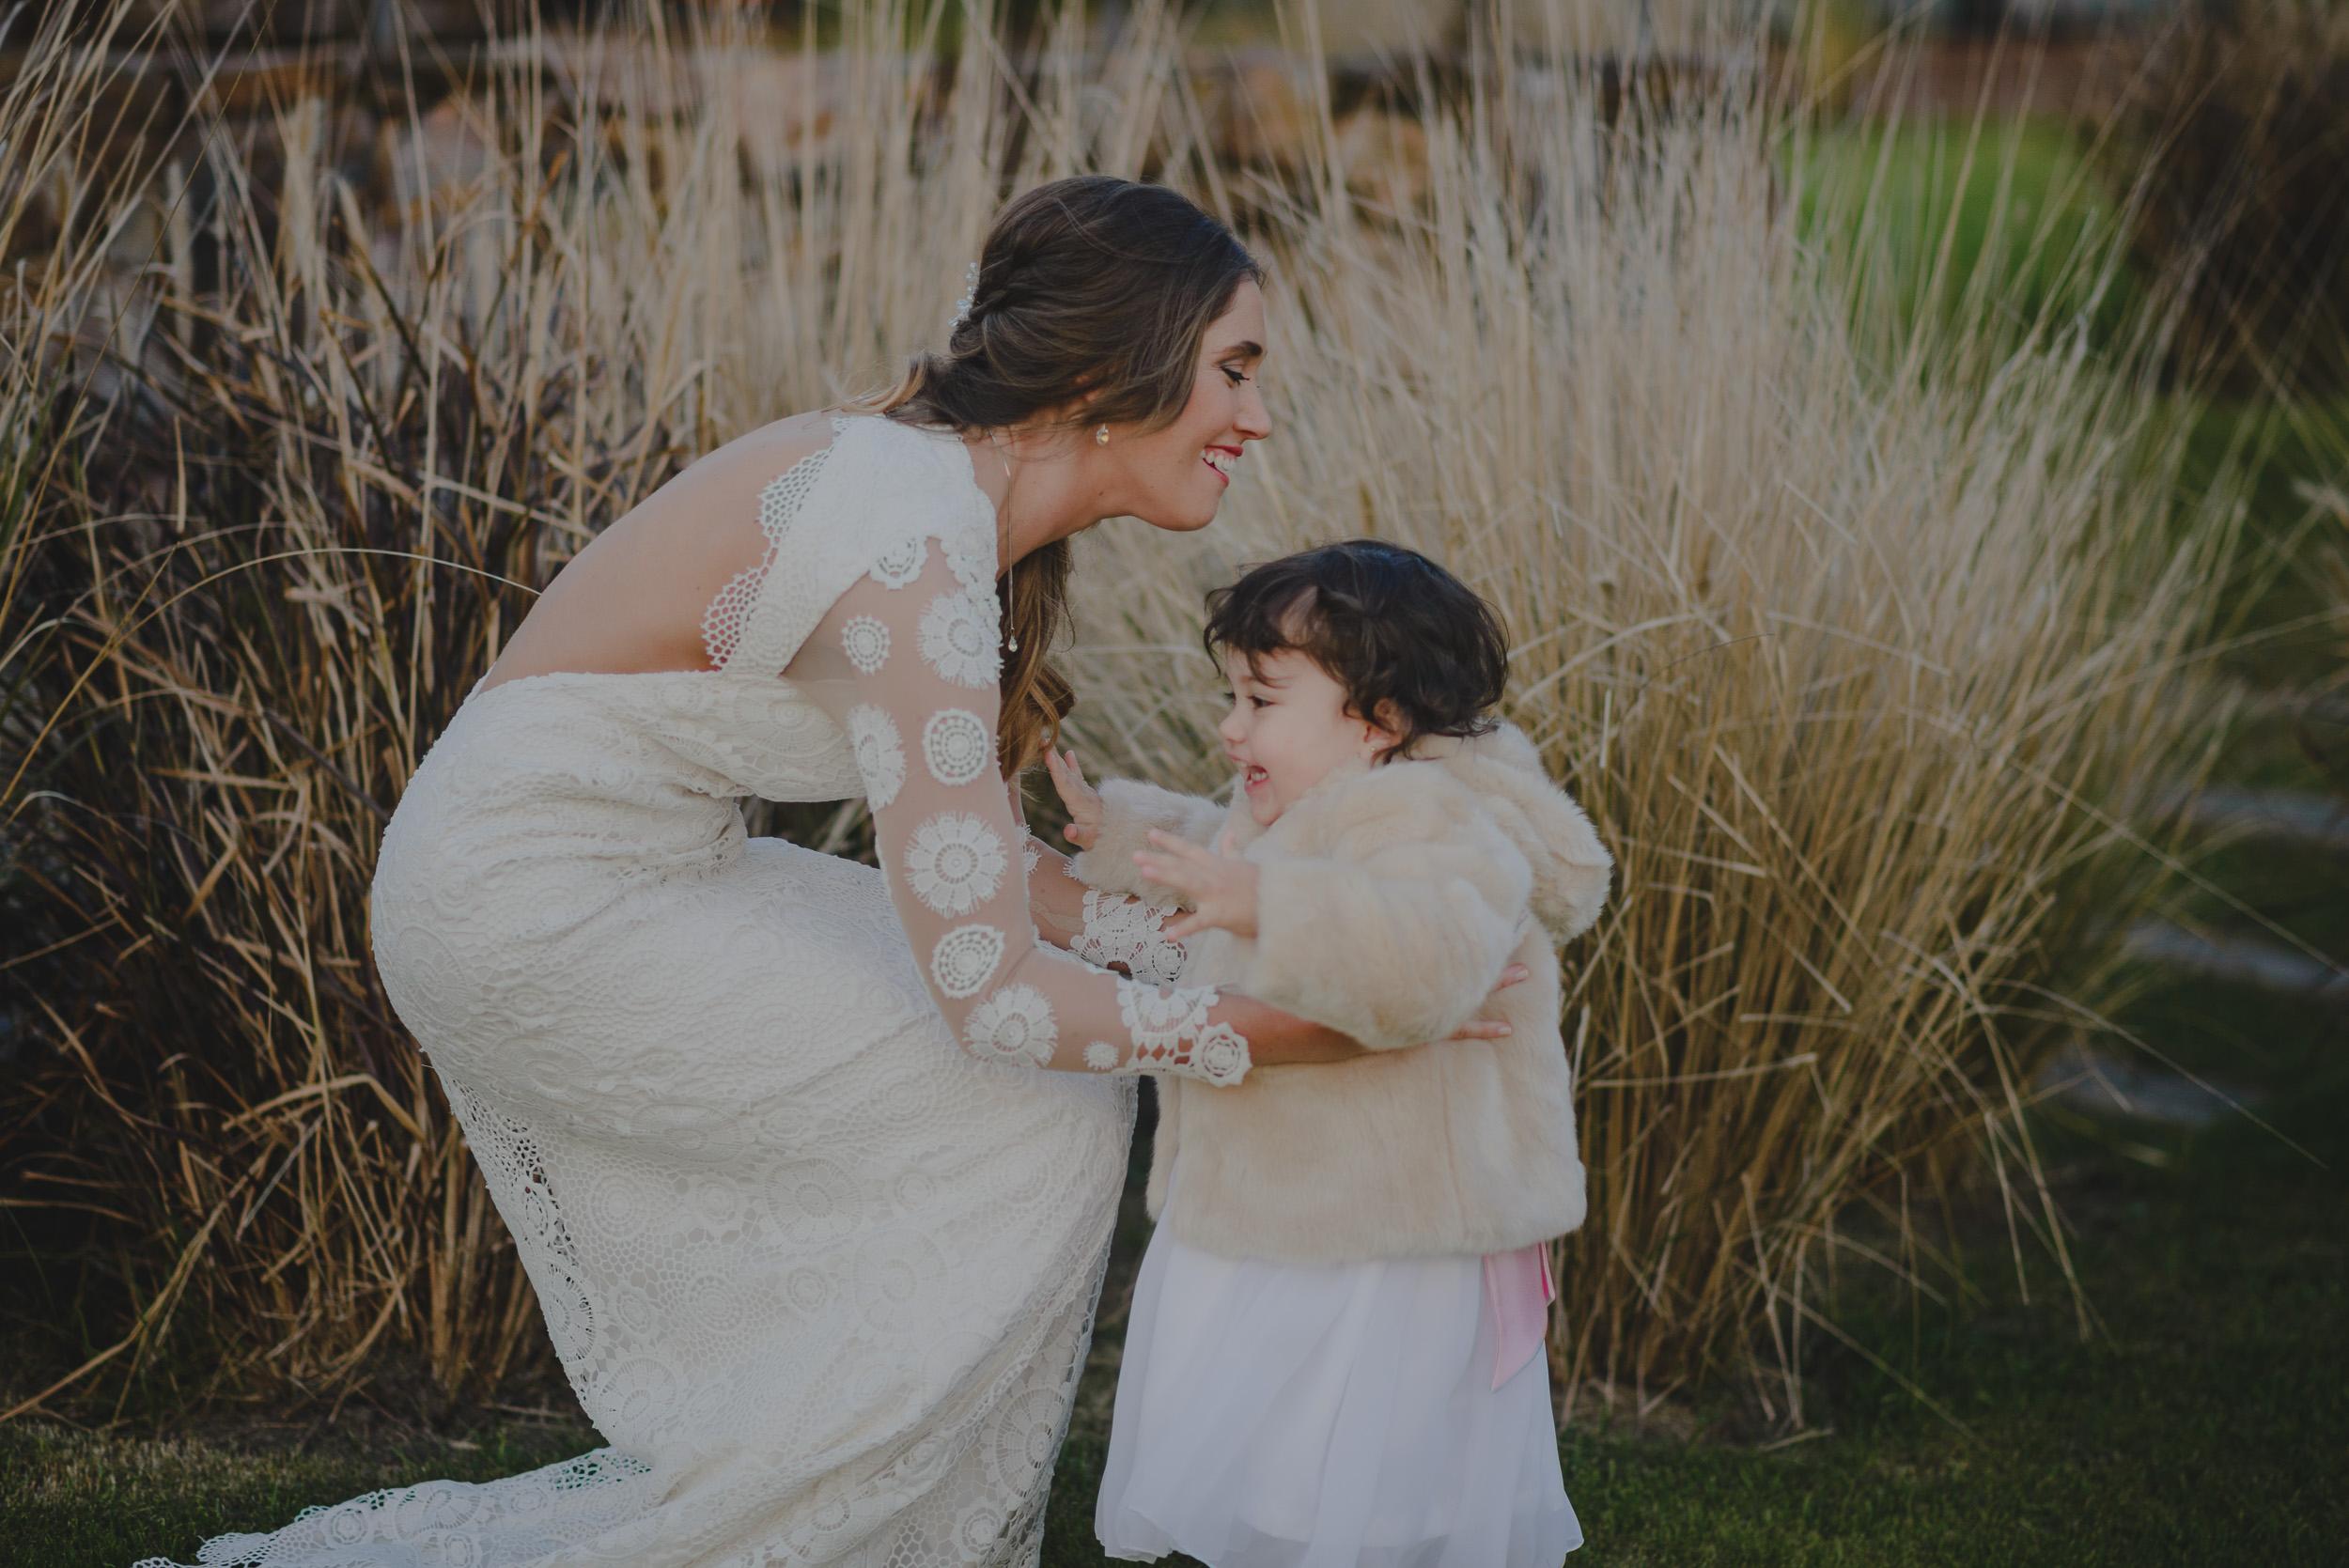 Mati & Juan boda en Bodega Jacksonville , FOTOGRAFIA DE BODA POITEVIN LOPEZ-55